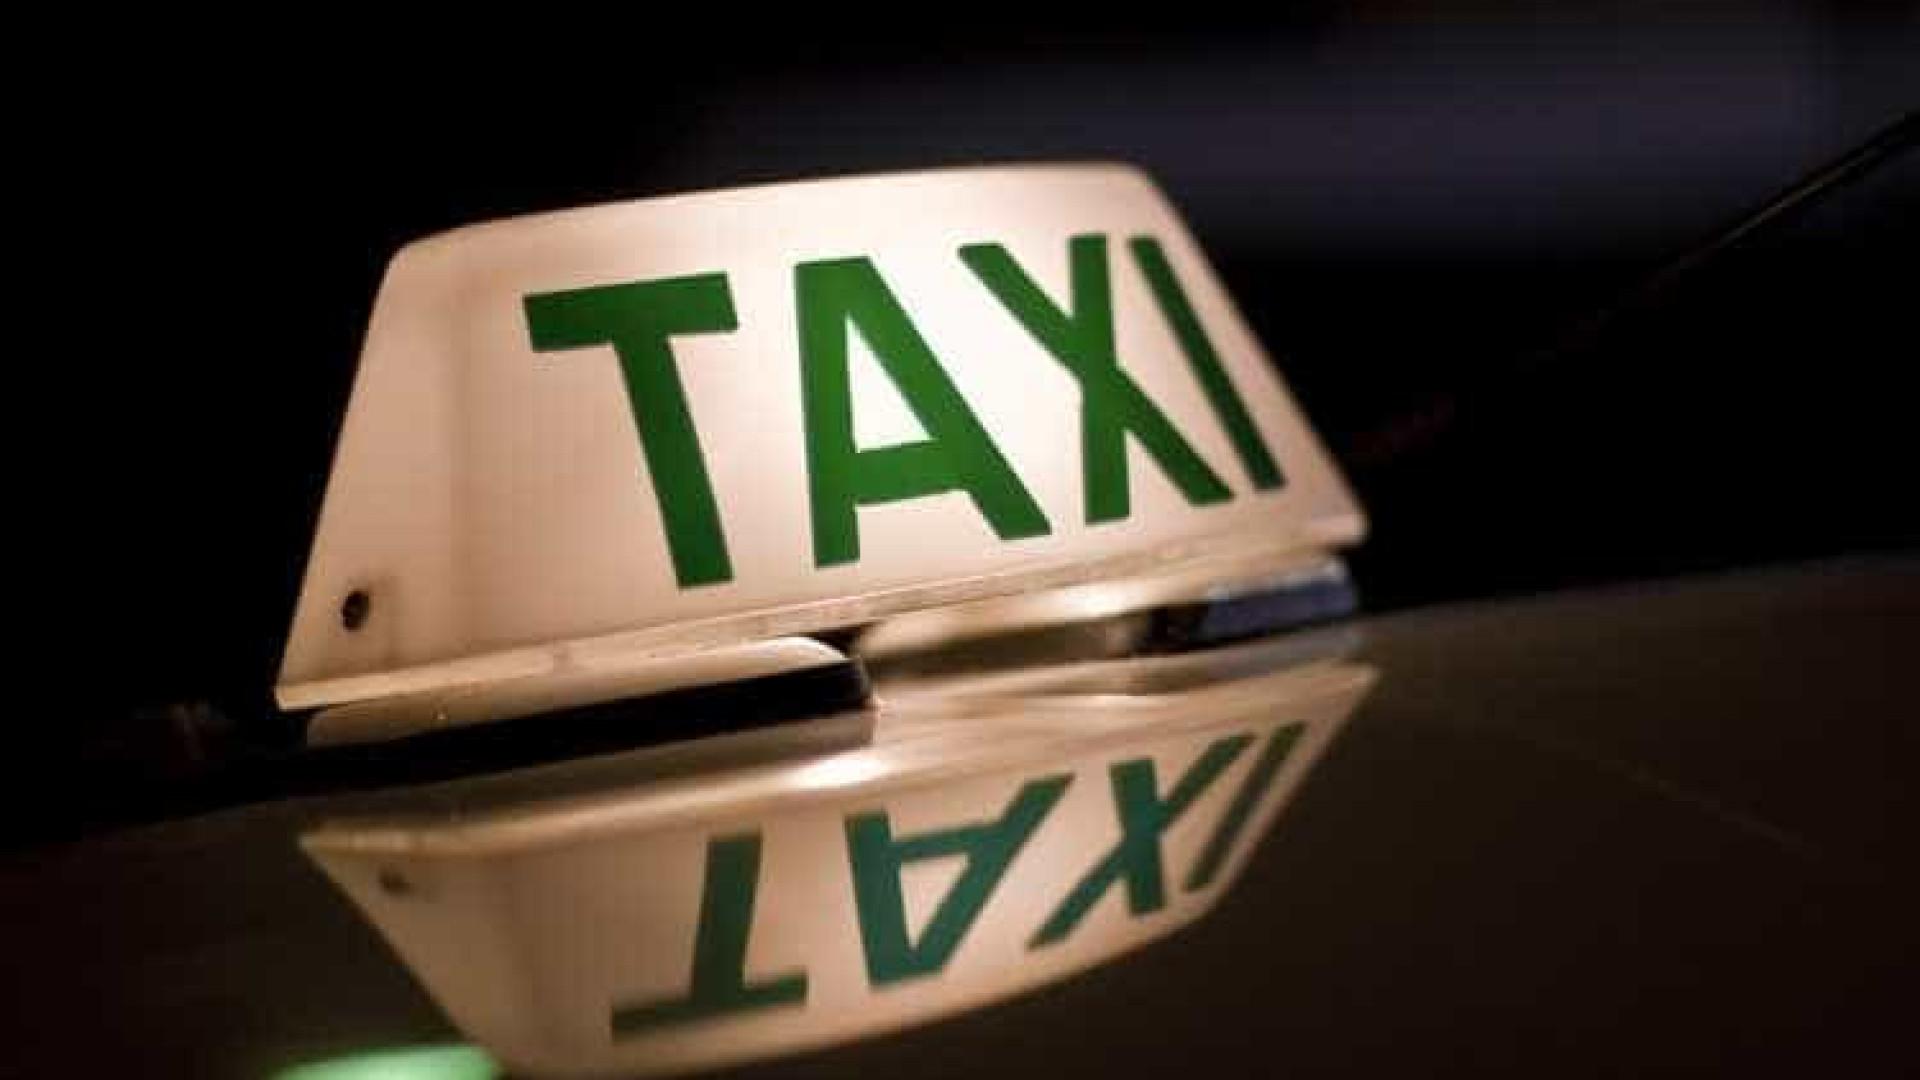 'Queria dar recado', diz suspeito de atirar em taxista enquanto dormia